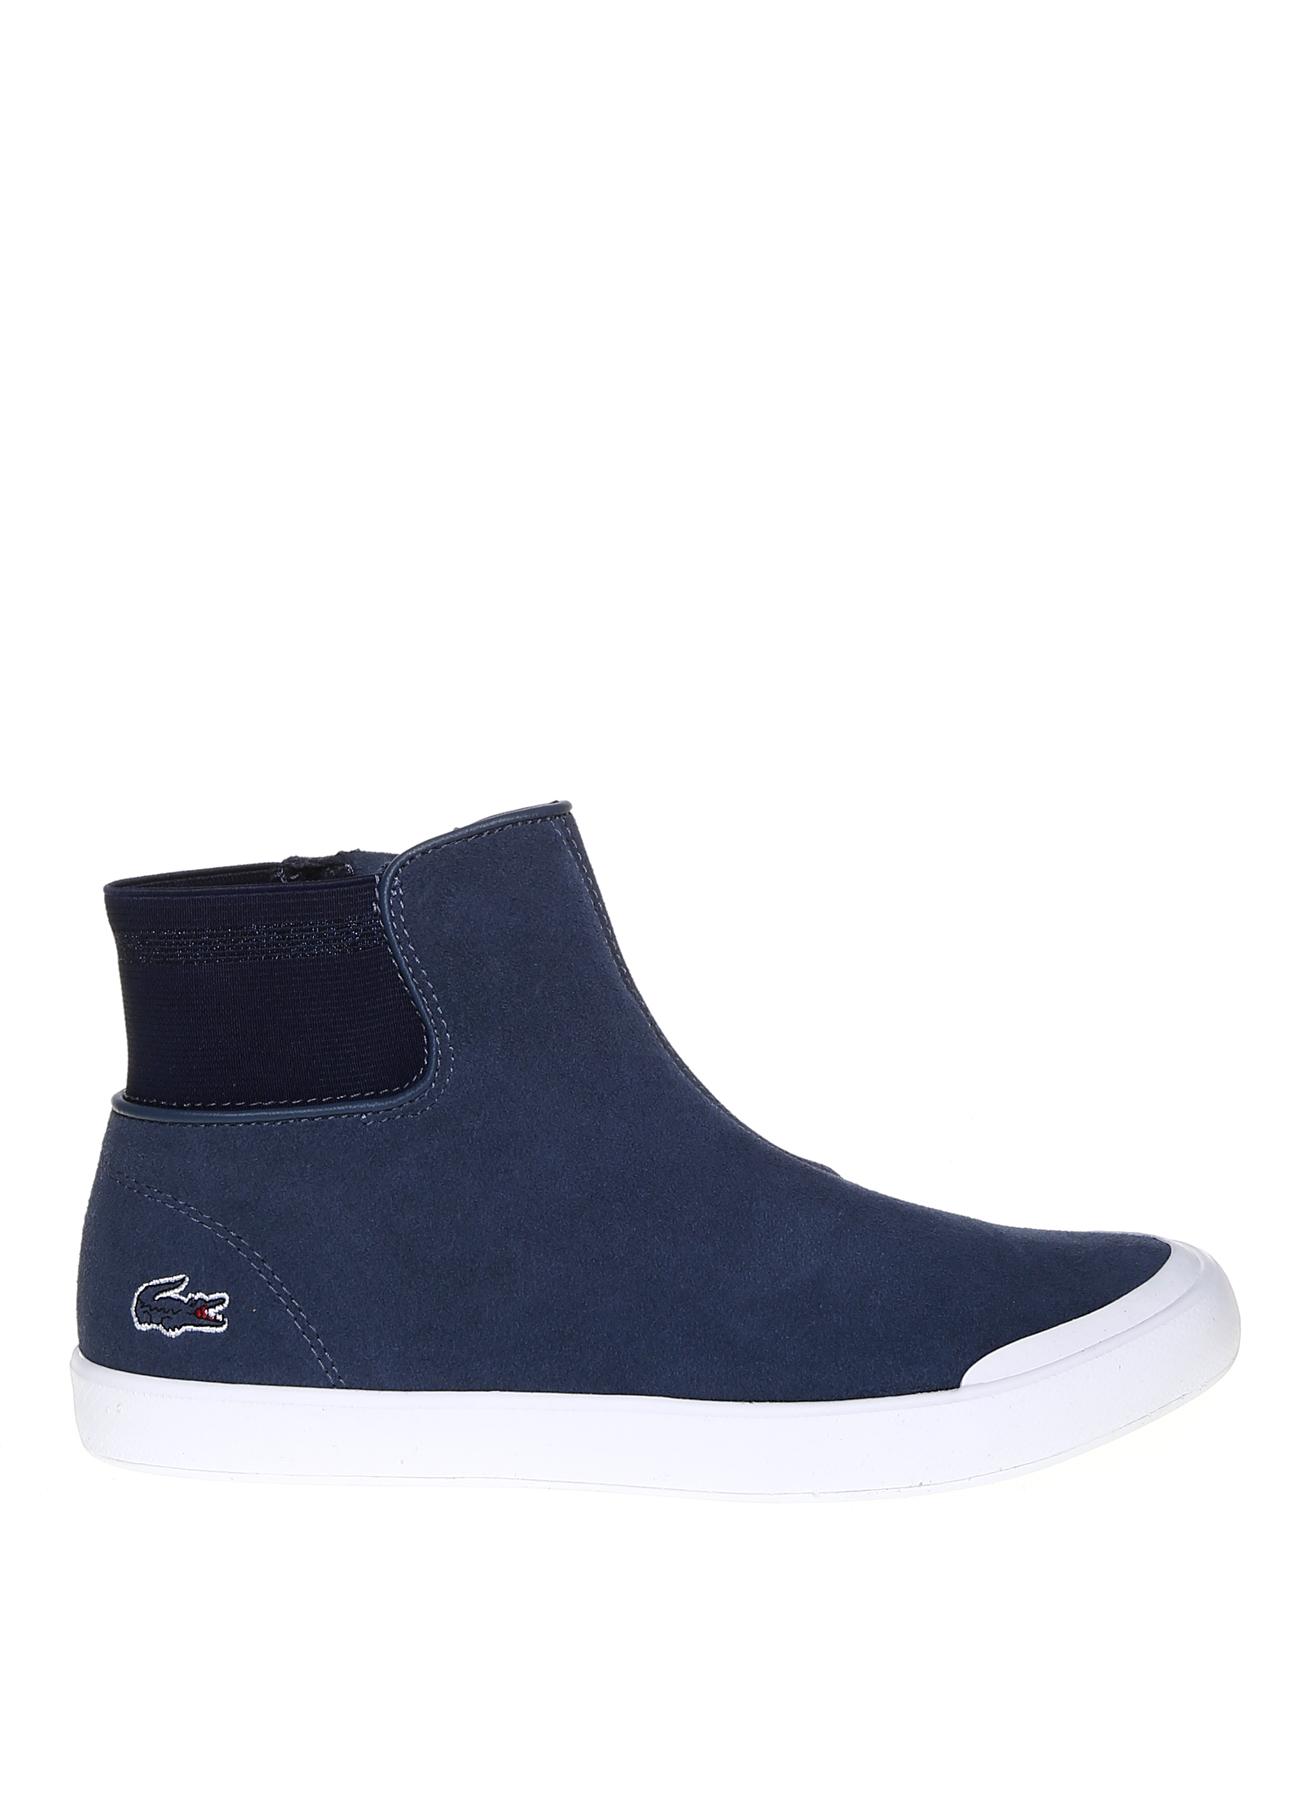 Lacoste Fermuarlı Lacivert Lifestyle Ayakkabı 36 5002312544001 Ürün Resmi